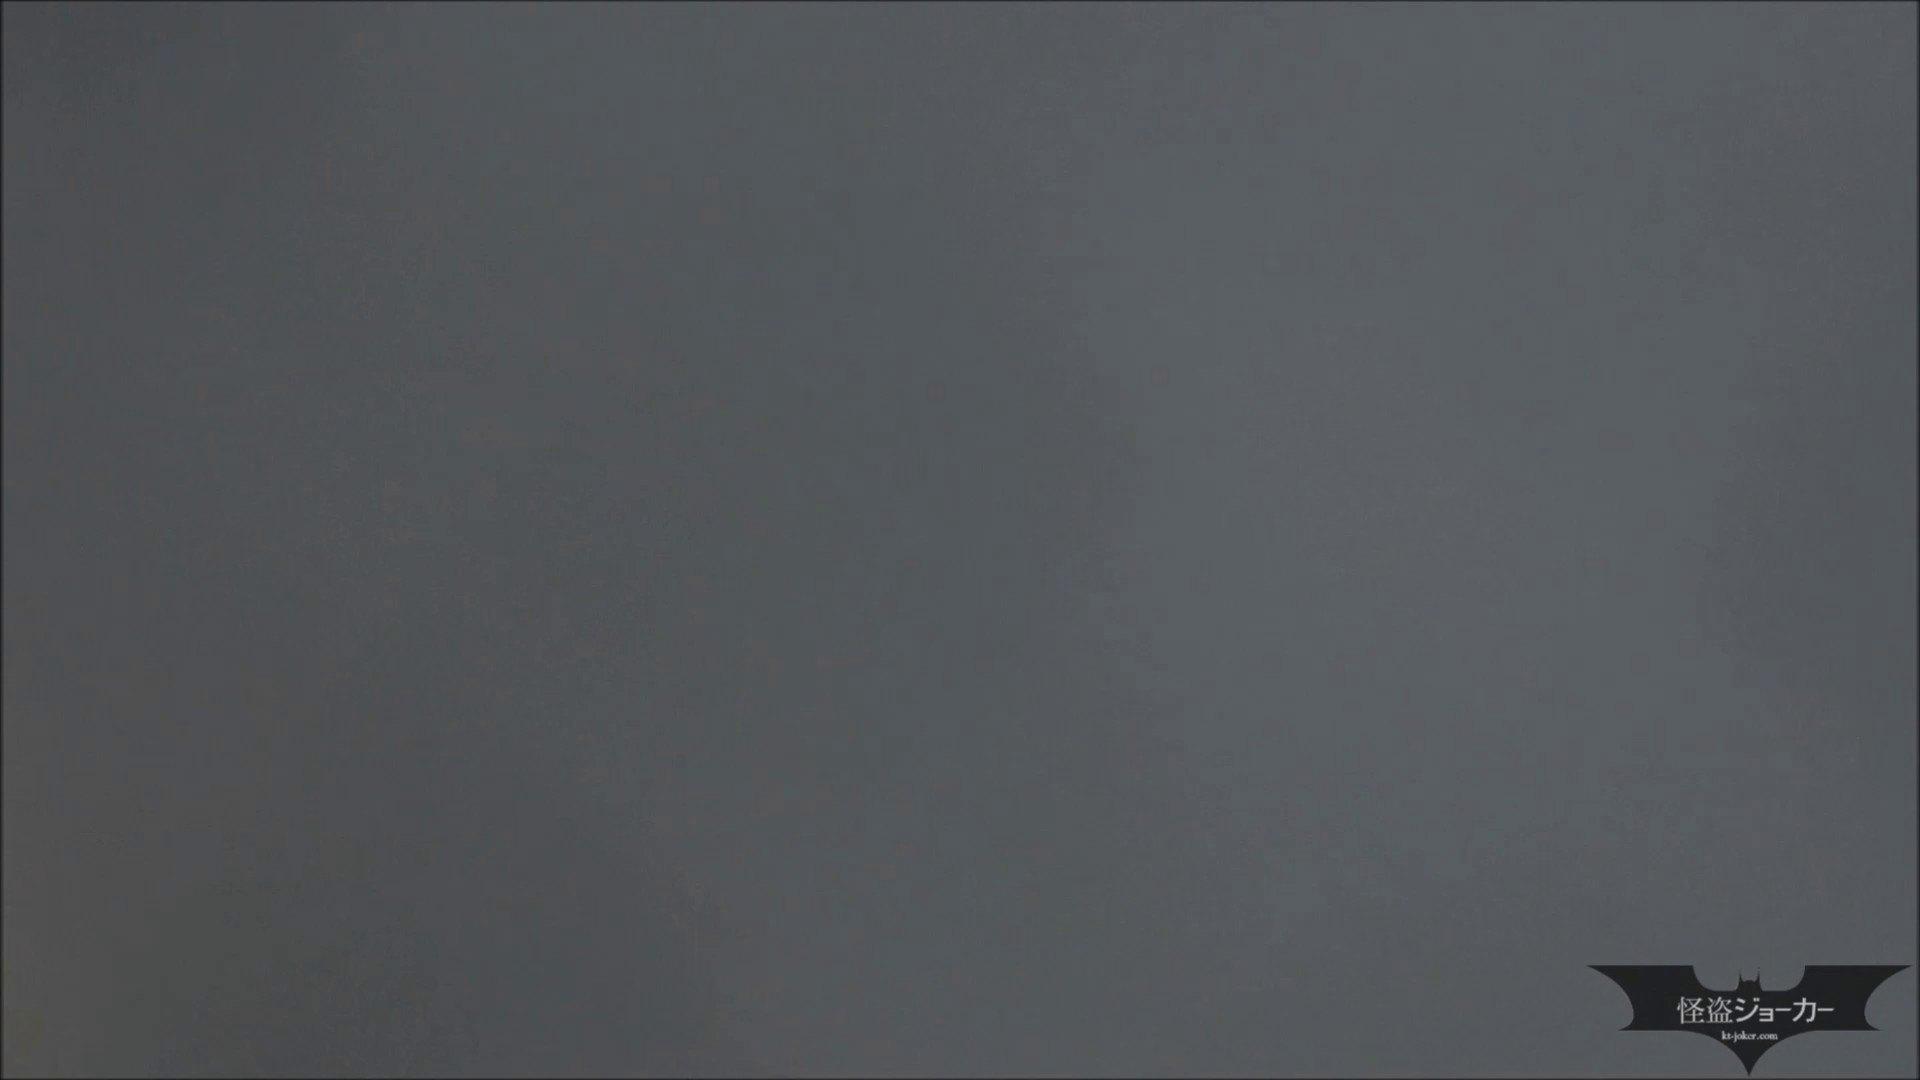 覗き見 Vol.2 【覗き見】♀友達のオナニー。-美人OL- 高画質 性交動画流出 107画像 82